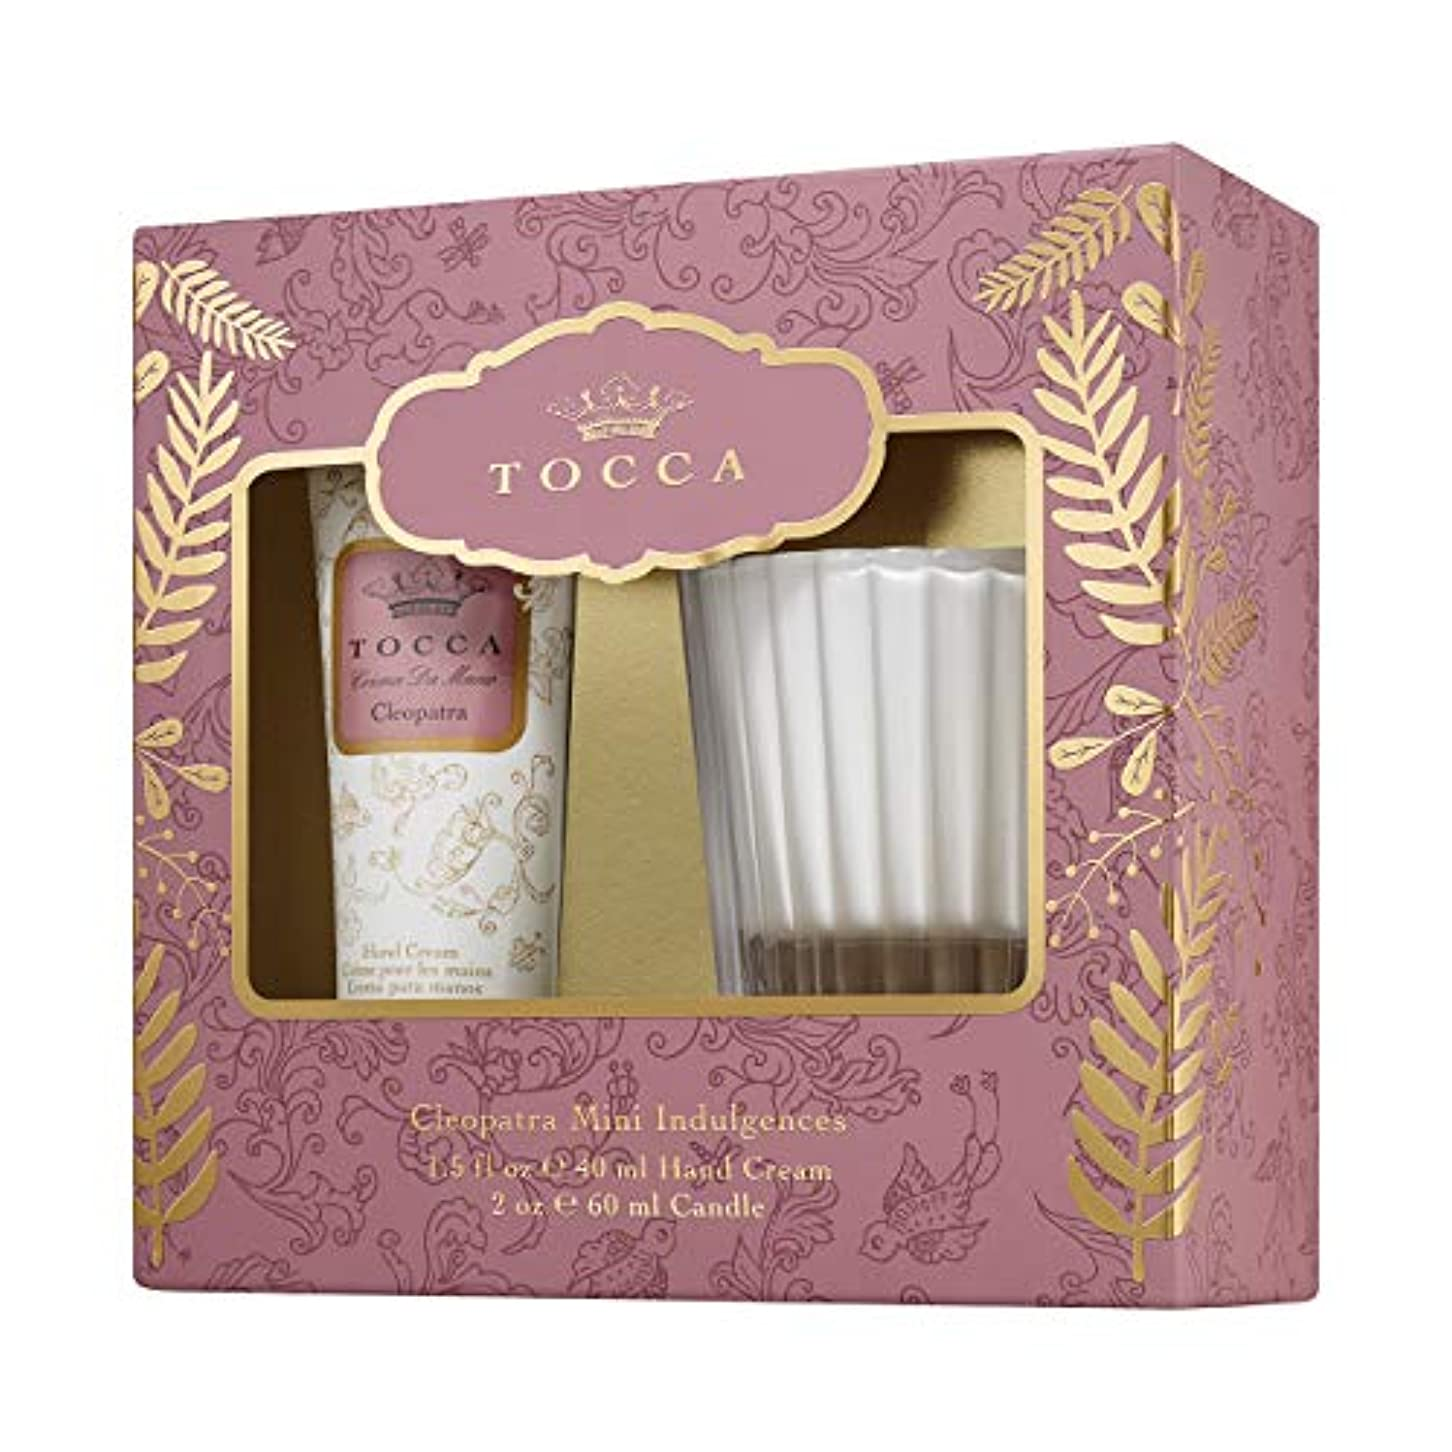 ウッズ移動架空のTOCCA ホリデーセットパルマ クレオパトラの香り(ハンドクリームとキャンドルの贅沢ギフト)